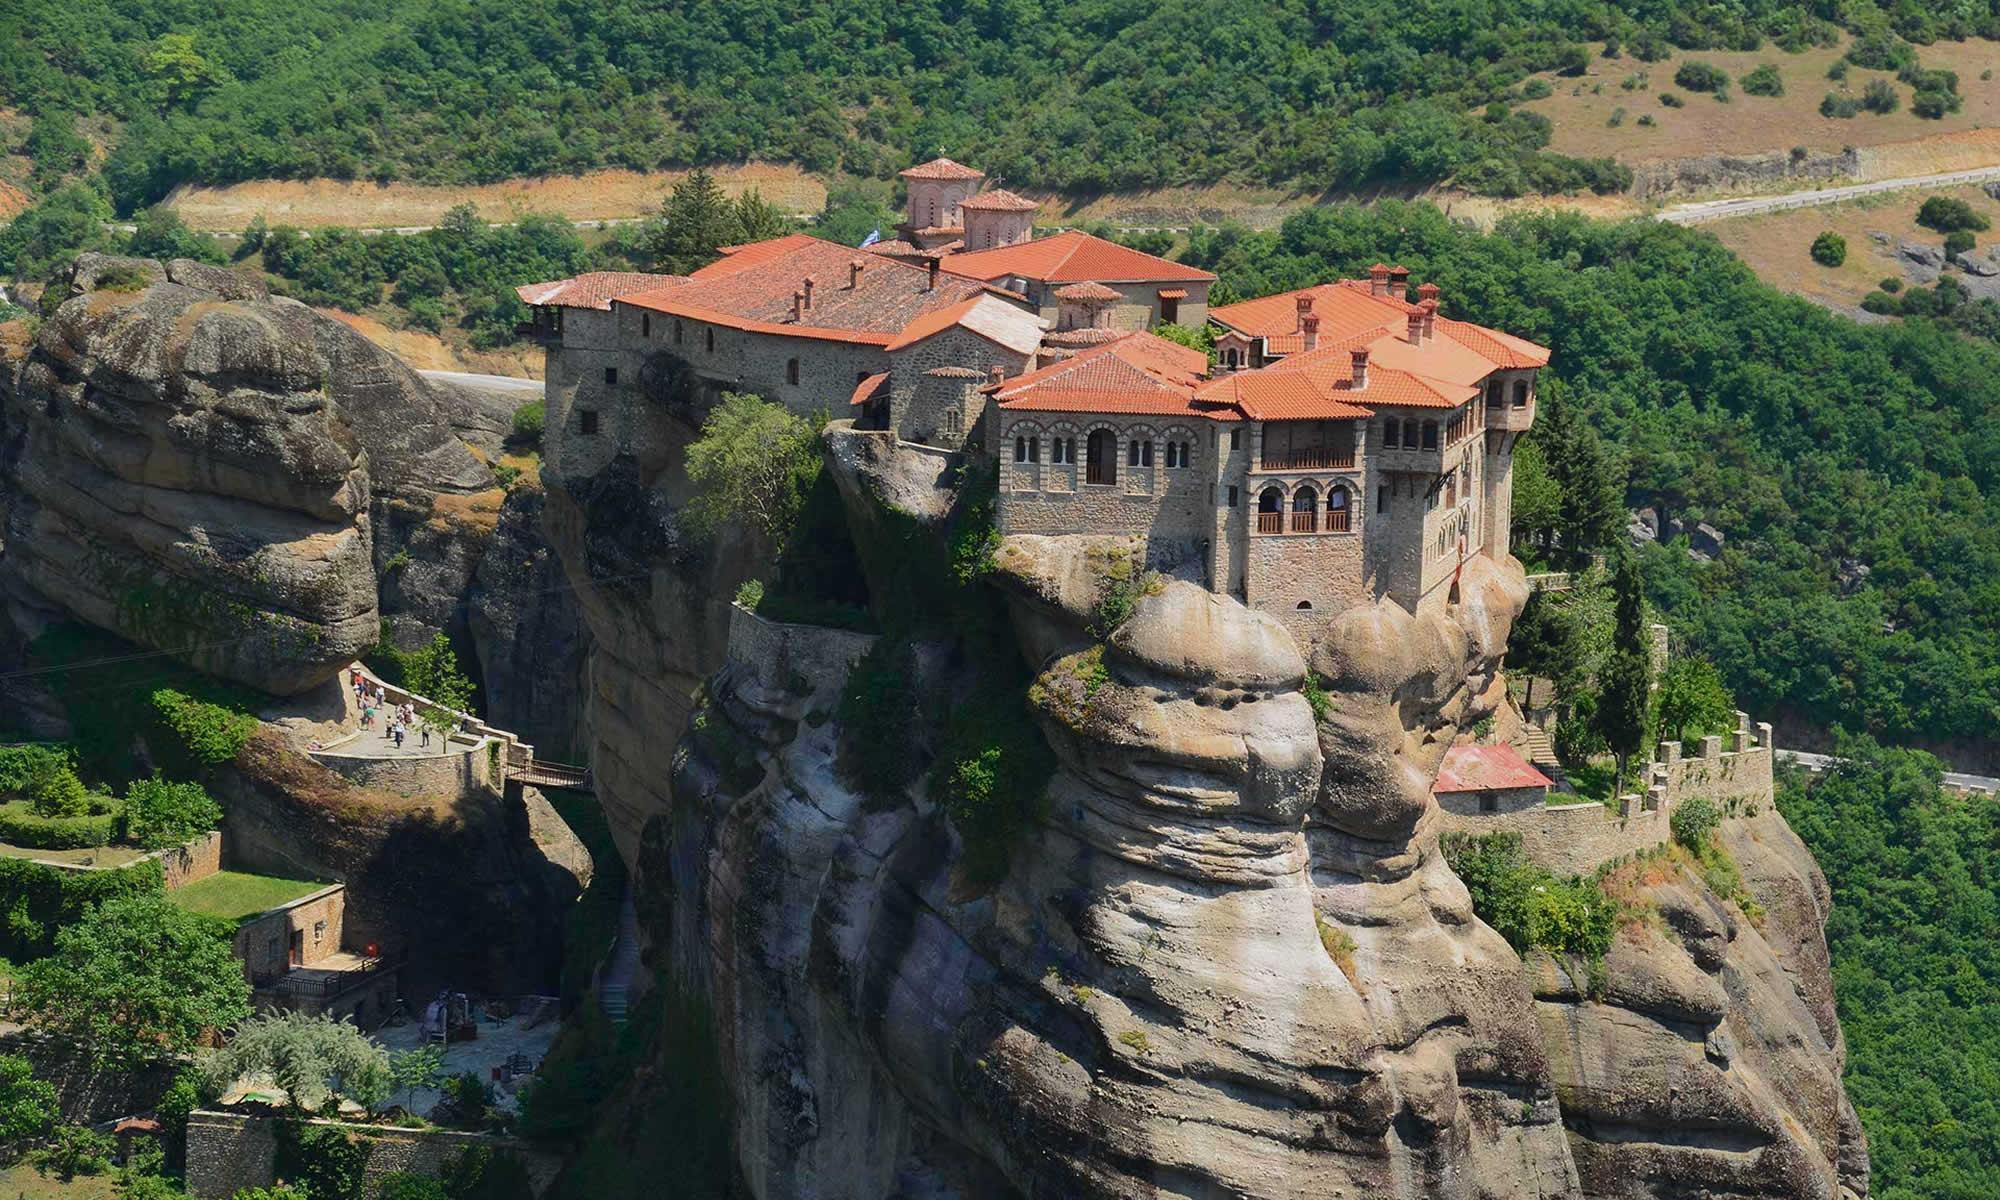 meteora-monastery-hiking-route-tour-greece